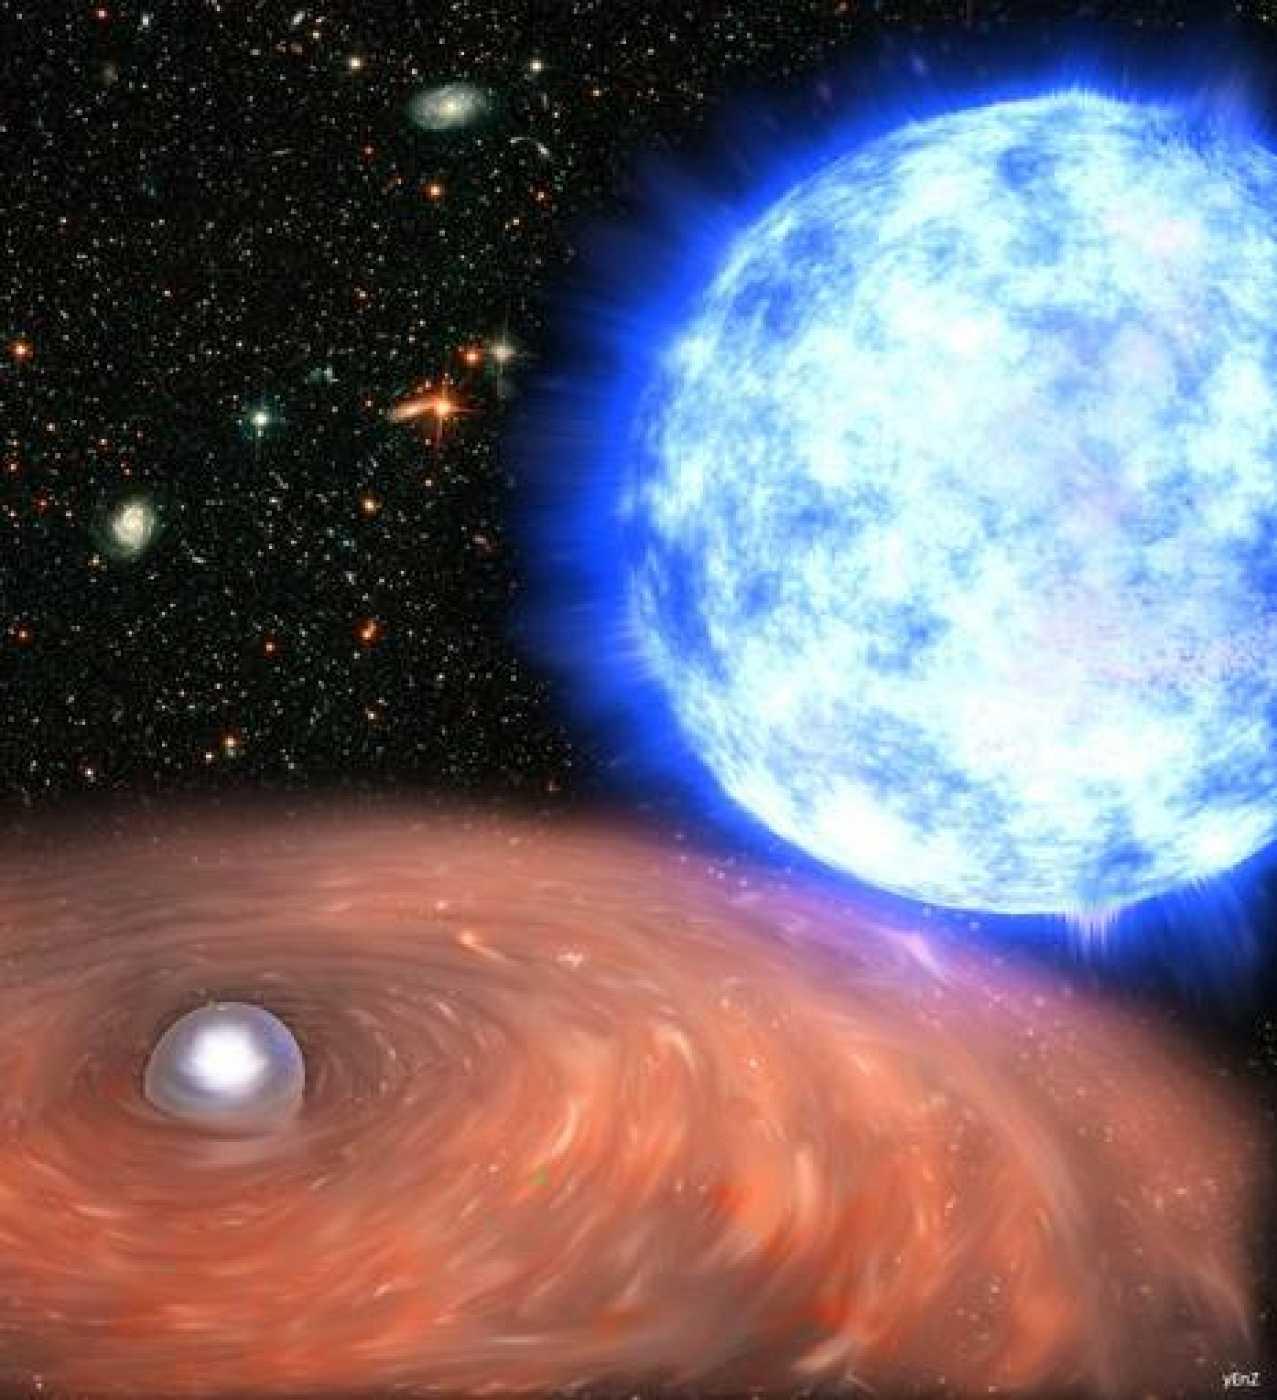 La explosión de esta estrella erá tan luminosa que se podrá ver a simple vista y a la luz del día.